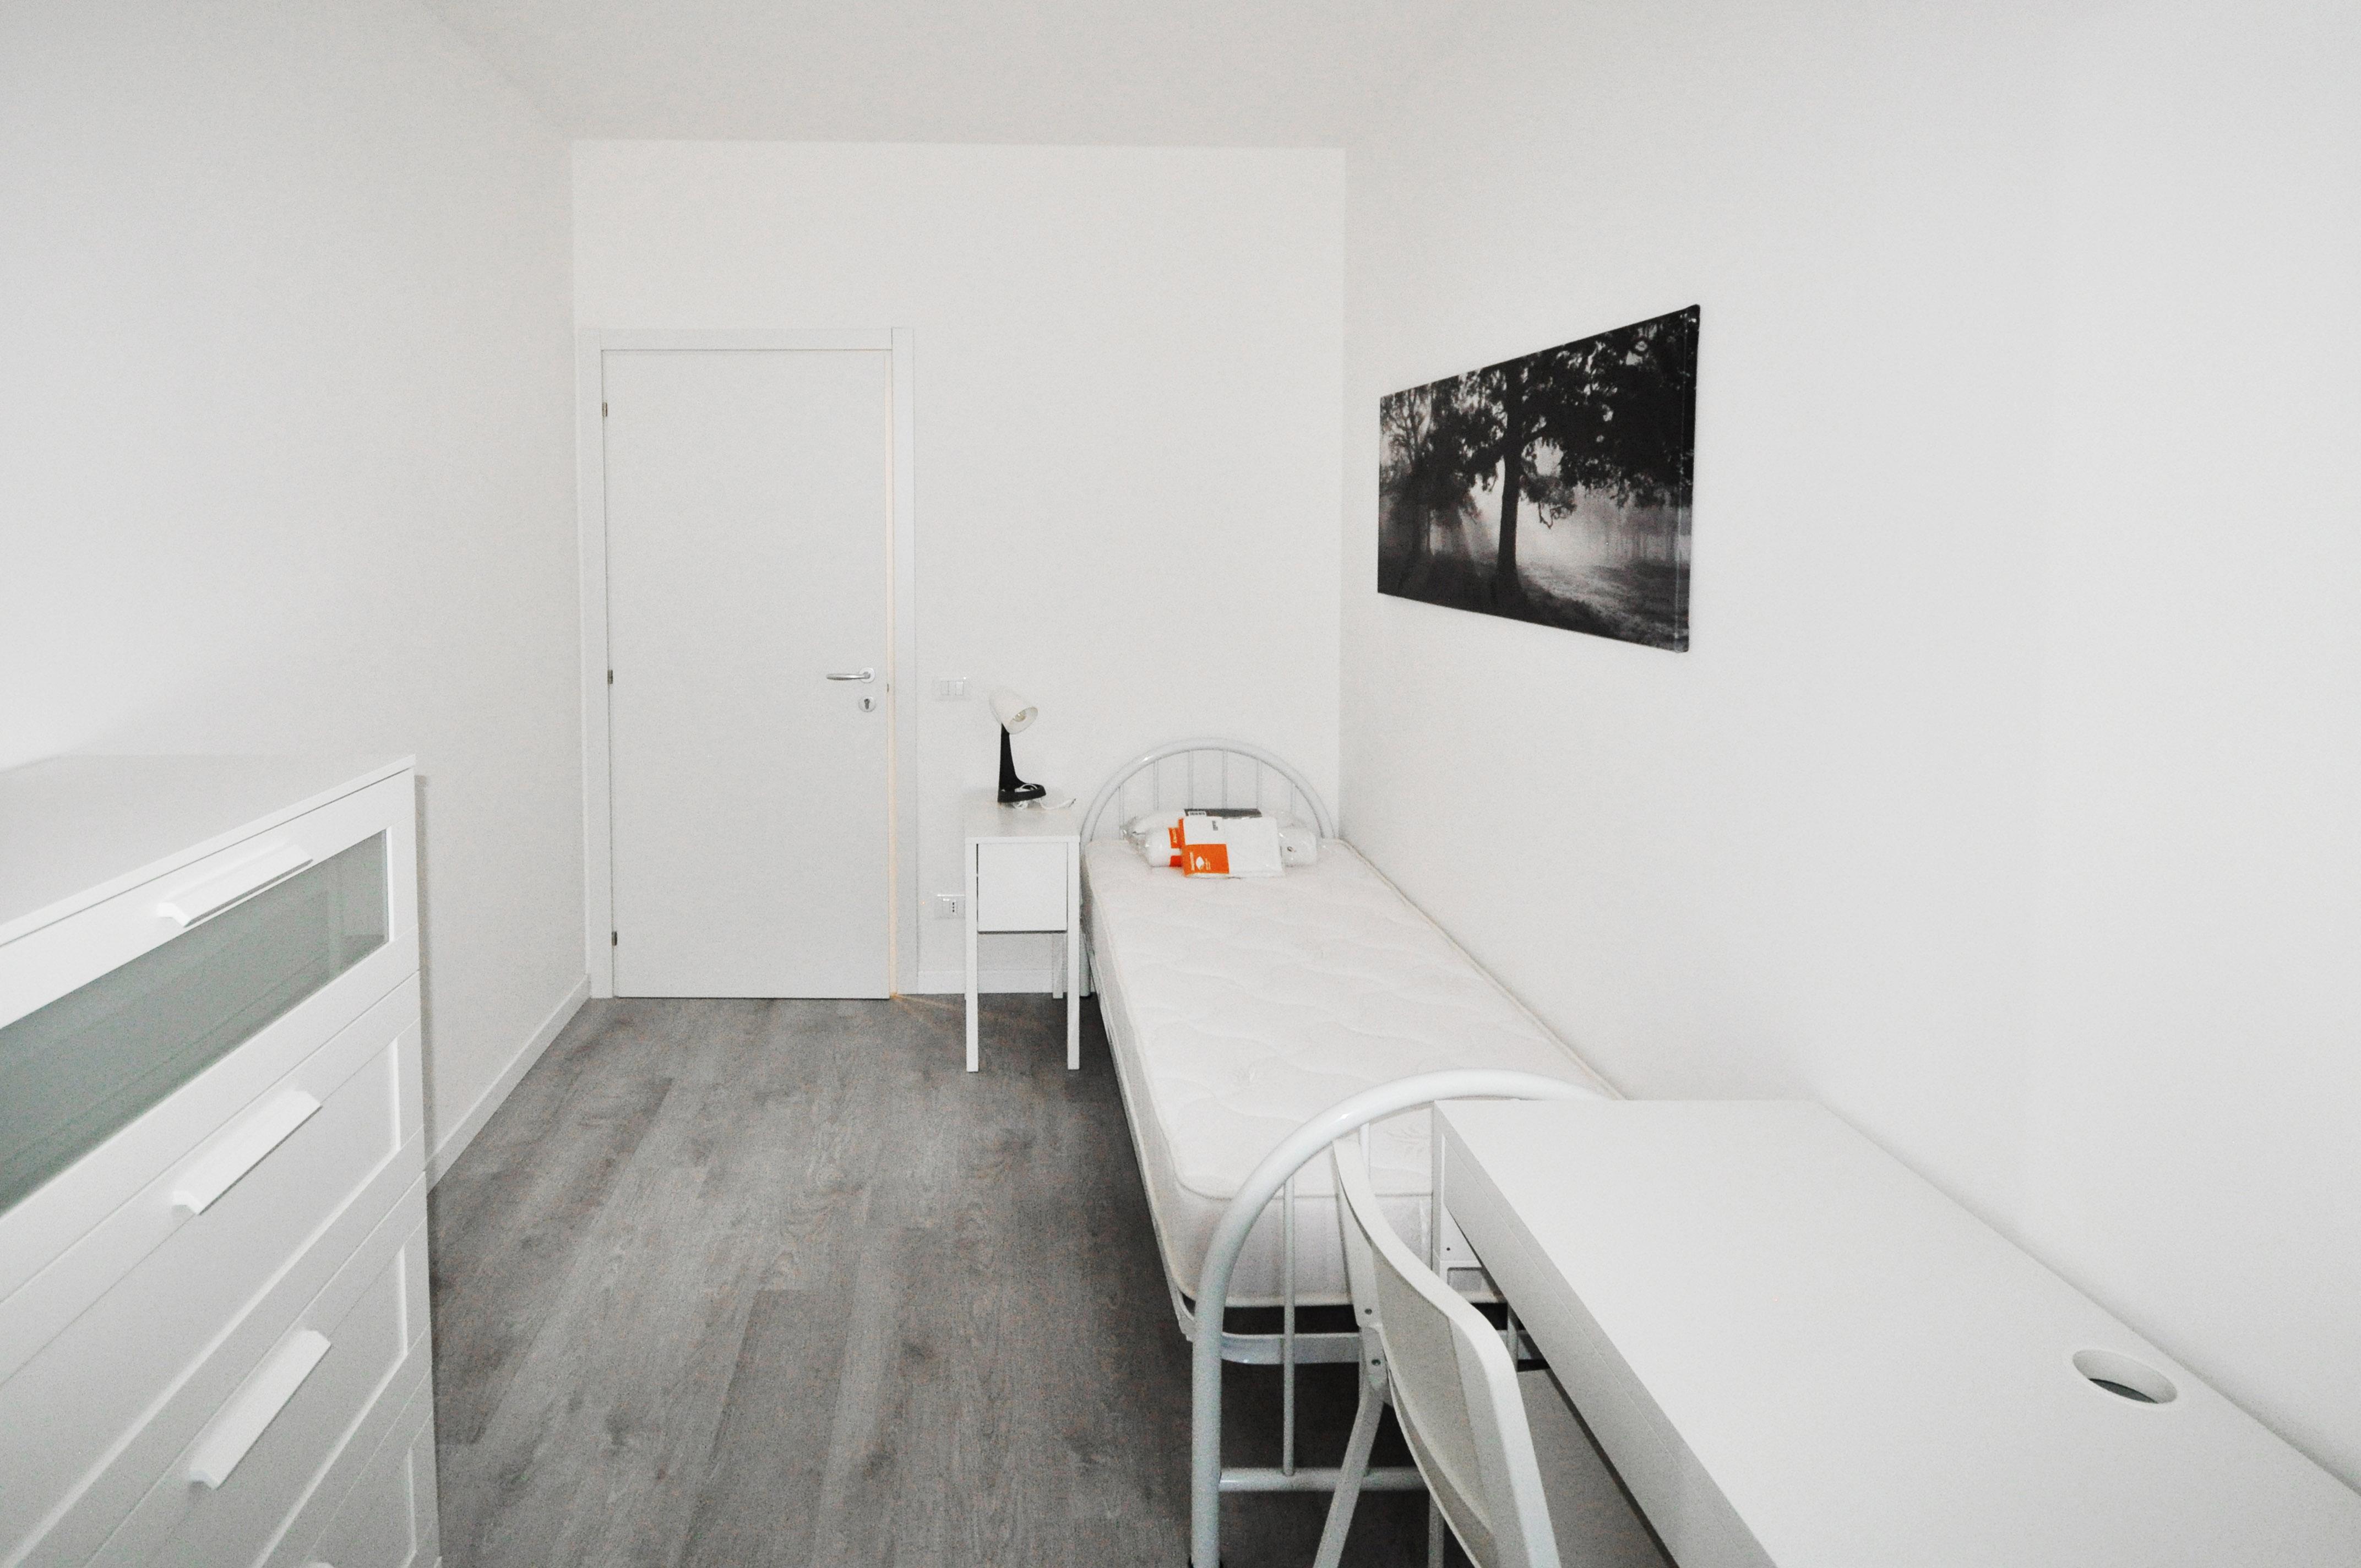 Camere in affitto-Treviso-Ospedale-Stazione-Studio-Architettura-Zanatta bertolini_11